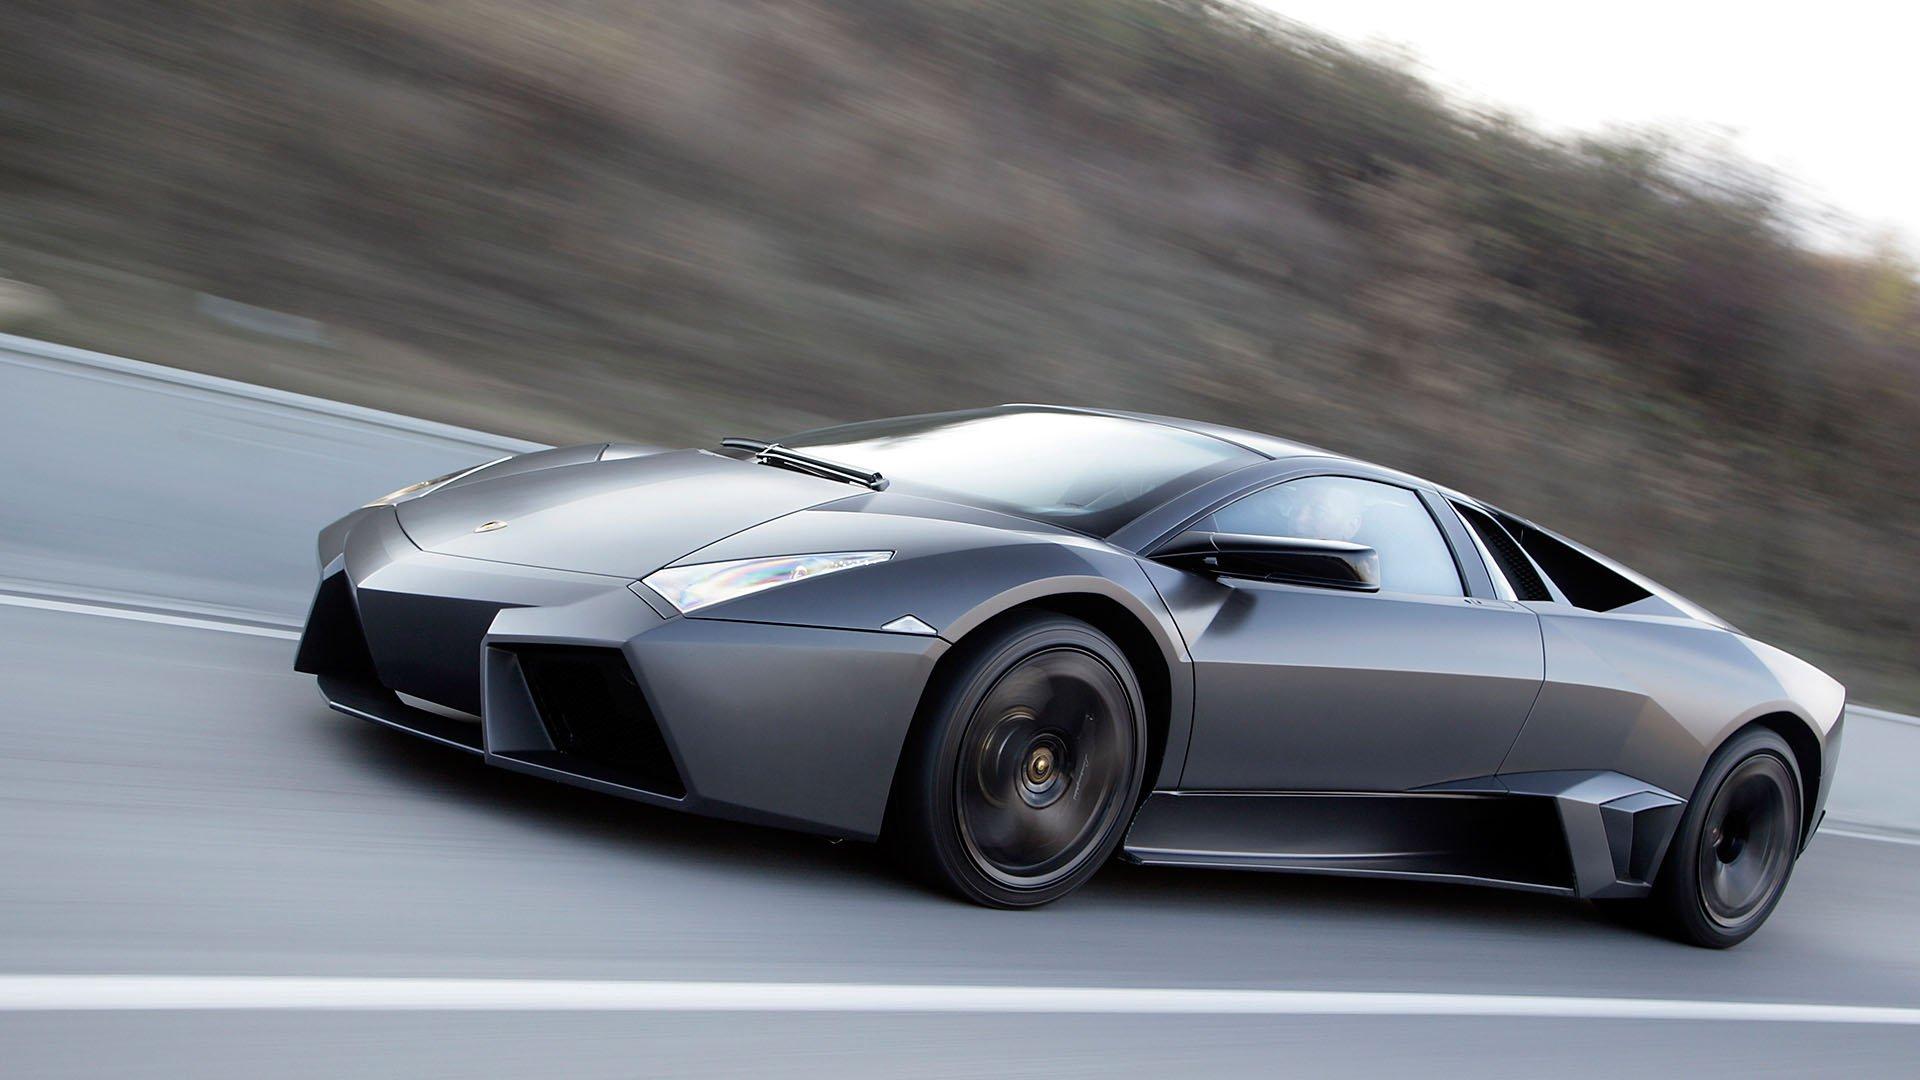 Lamborghini Reventon rolling shot